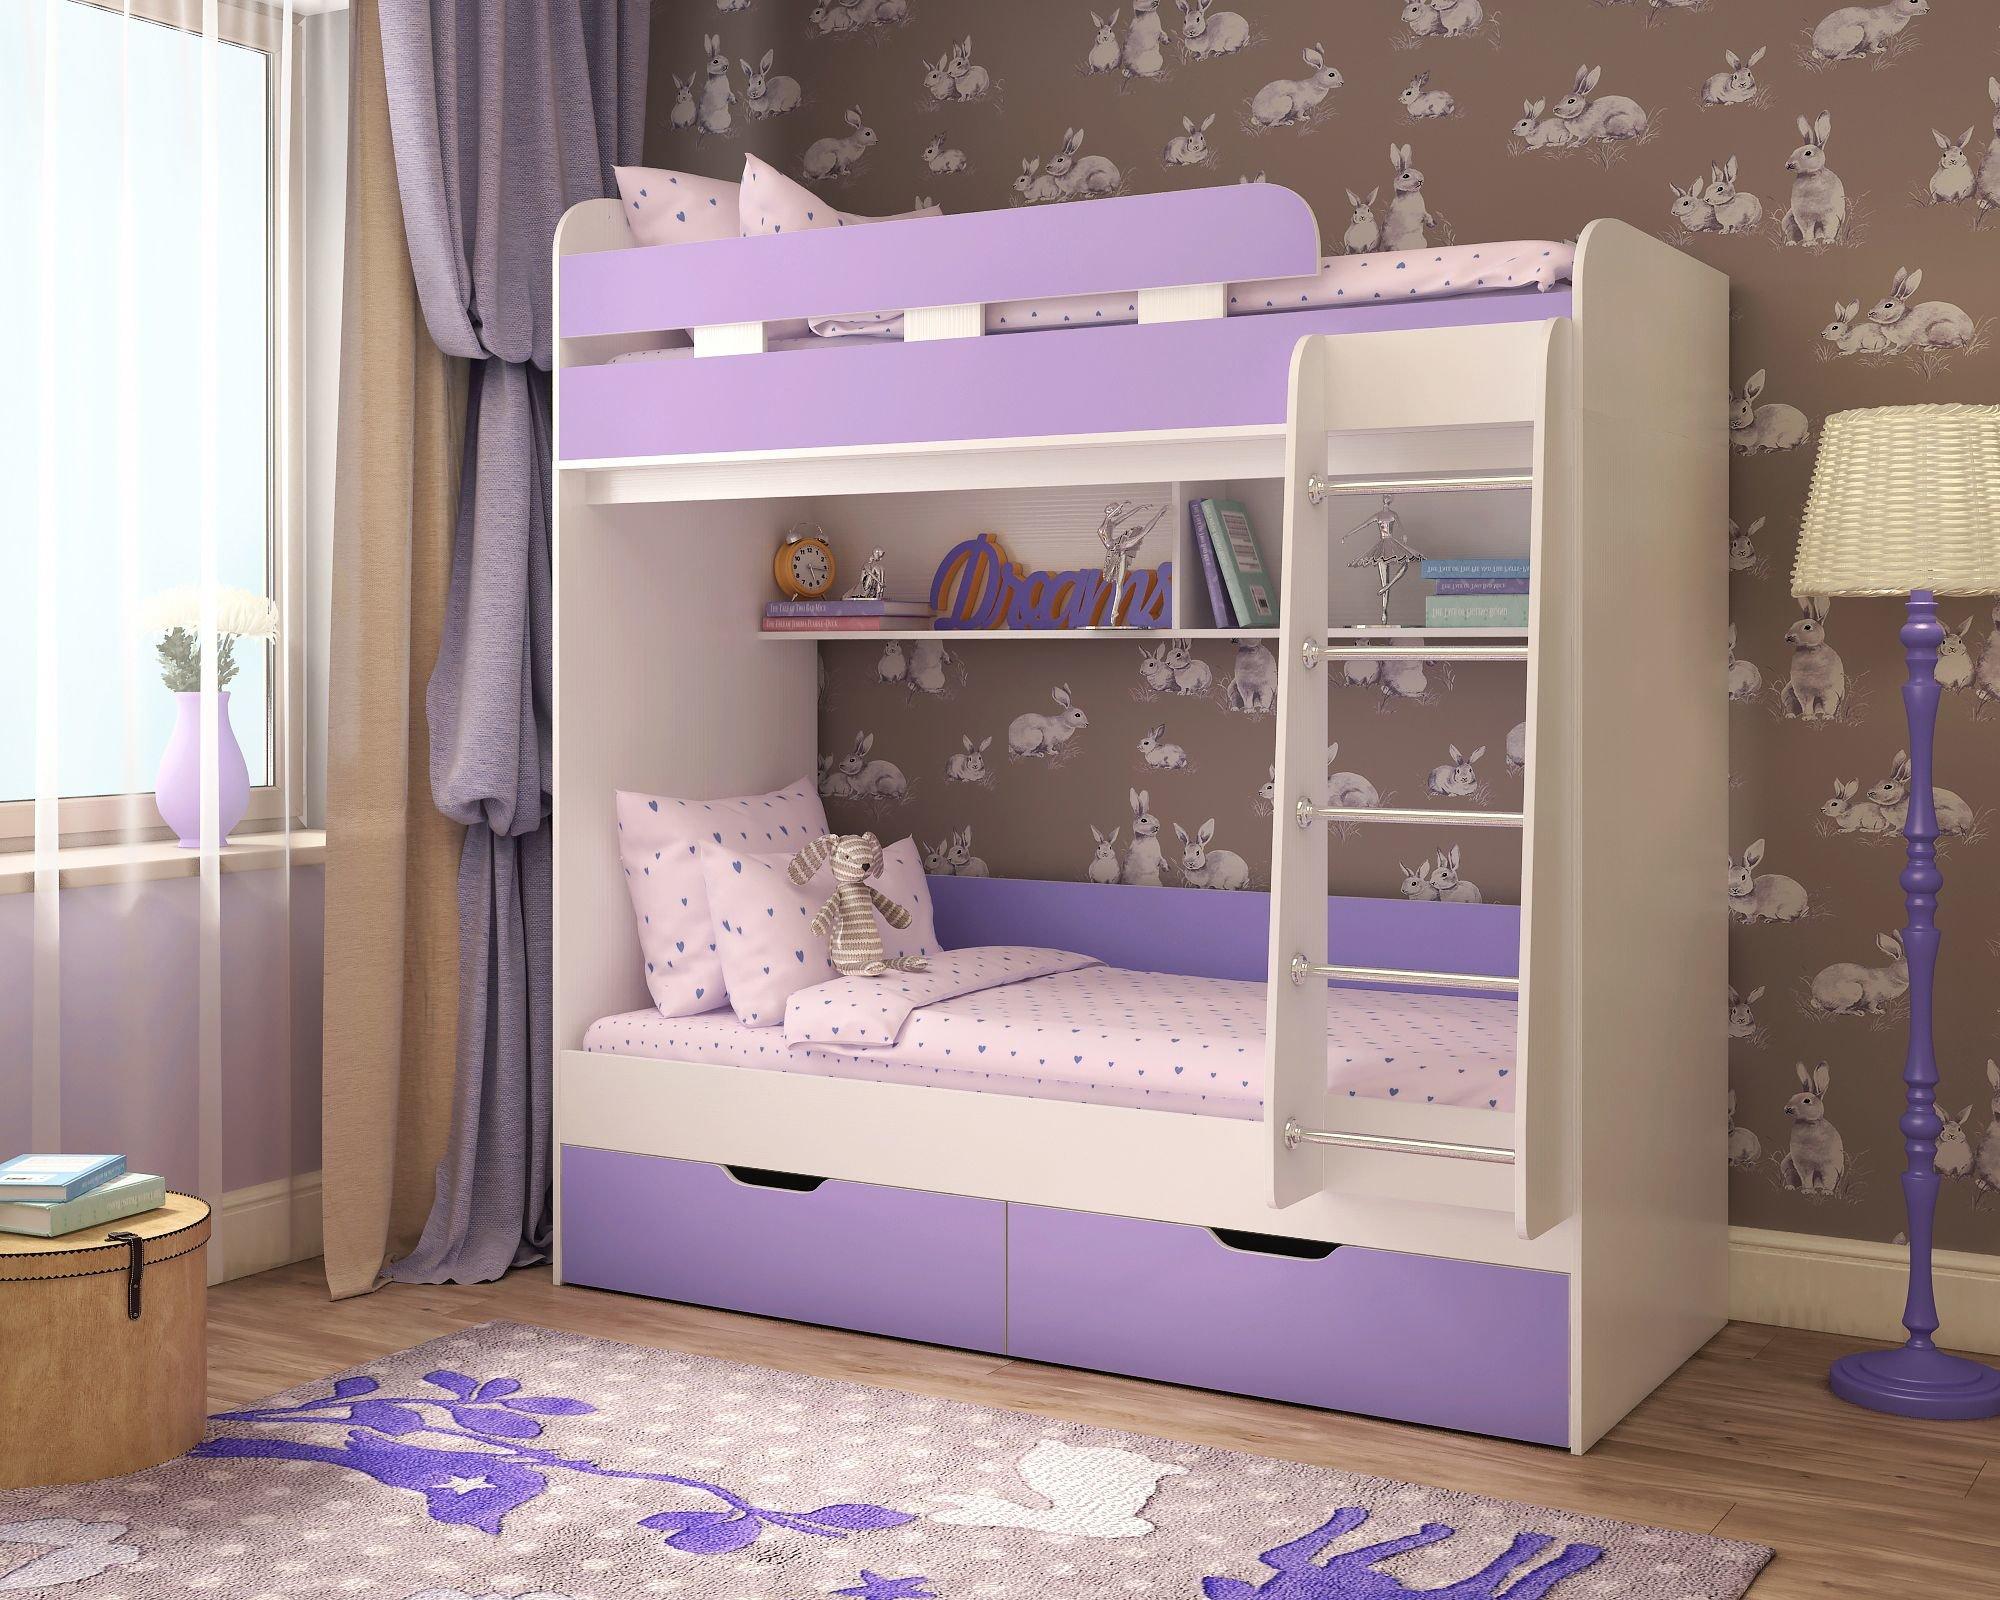 Детская мебель фабрики Ярофф Ярофф Двухъярусная кровать Юниор 5 - Венге Венге